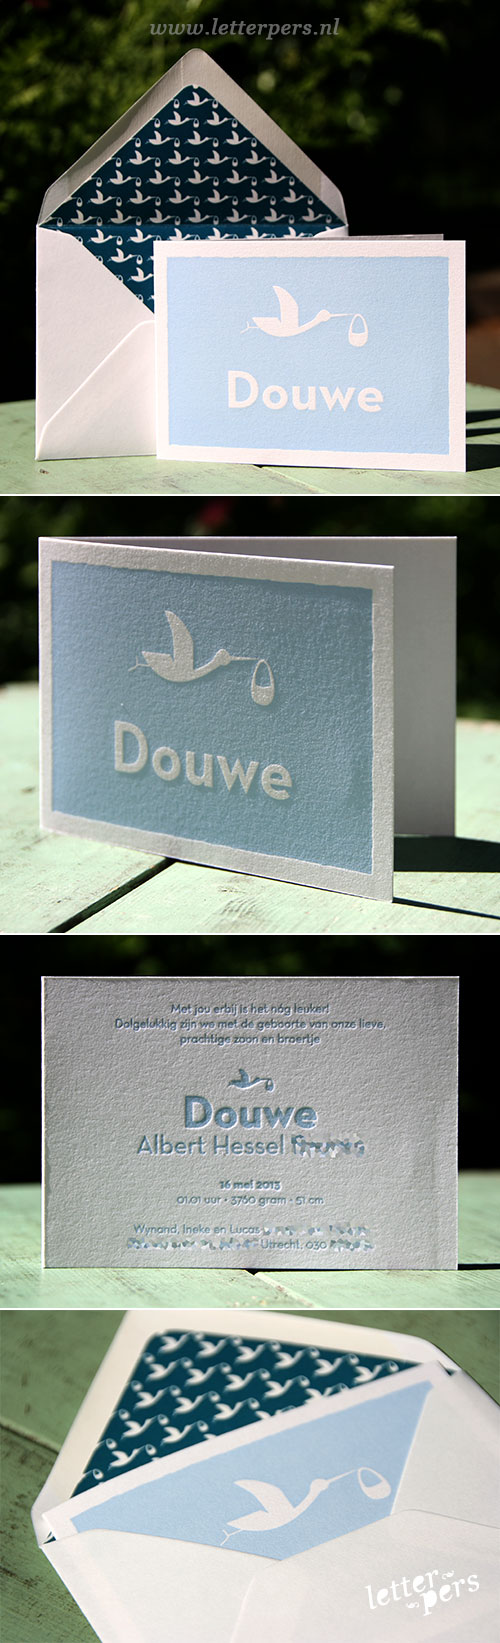 letterpers_letterpress_geboortekaartje_douwe_blauw_ooievaar_strak_envelop_print